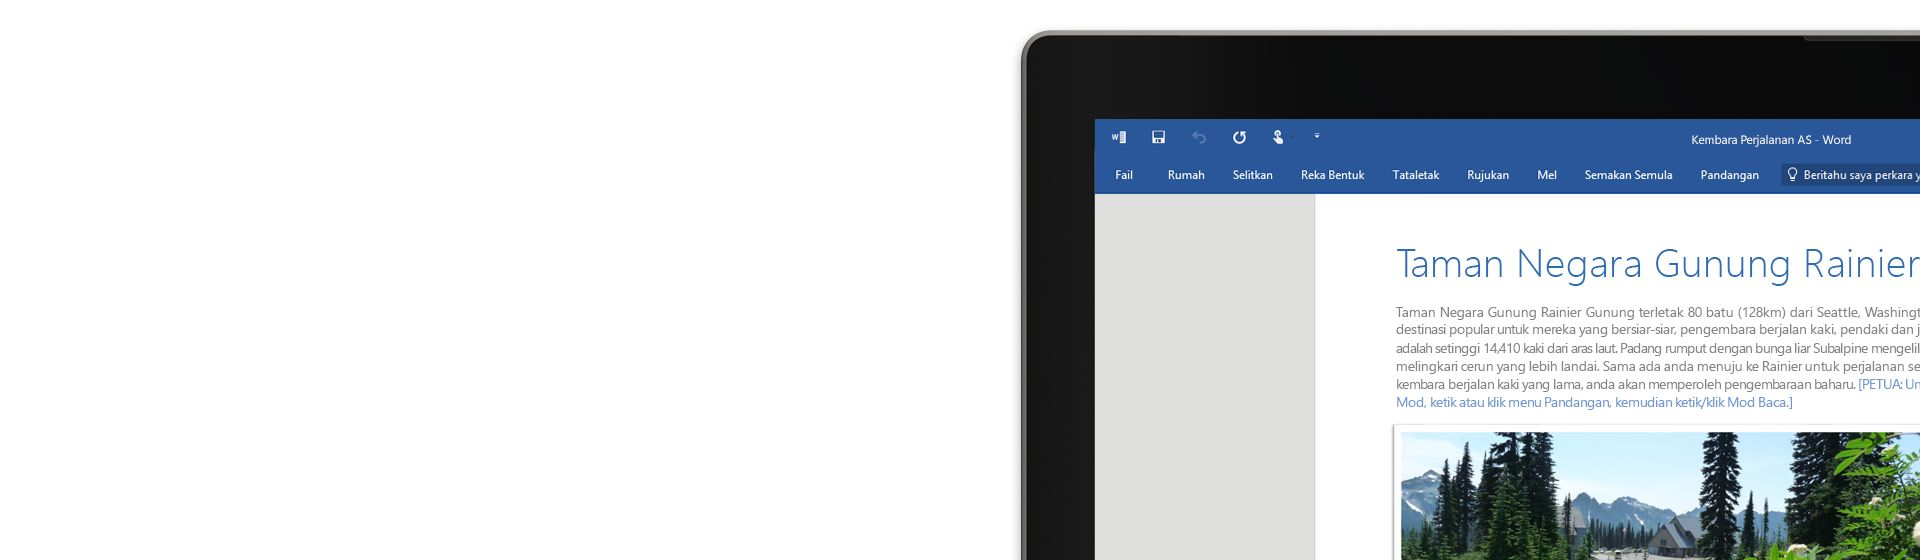 Sudut skrin komputer riba memaparkan dokumen Word yang memerihalkan lokasi dan statistik Taman Negara Gunung Rainier.